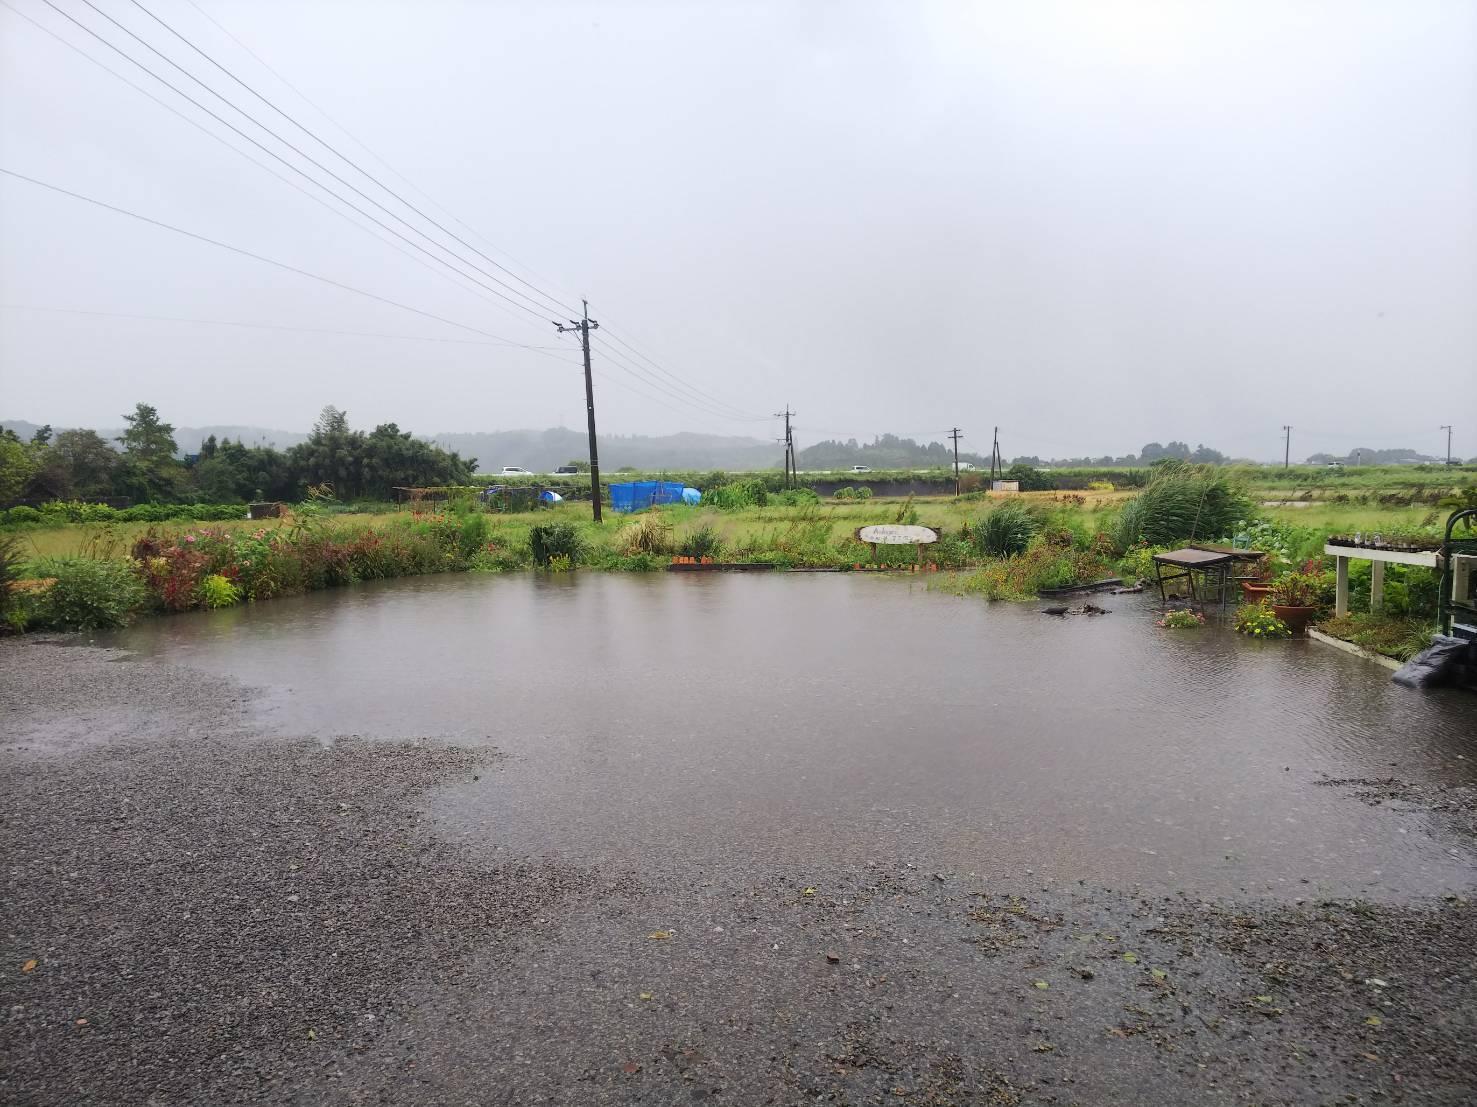 9月22日(日) 台風のため臨時休業です_b0137969_06170635.jpeg